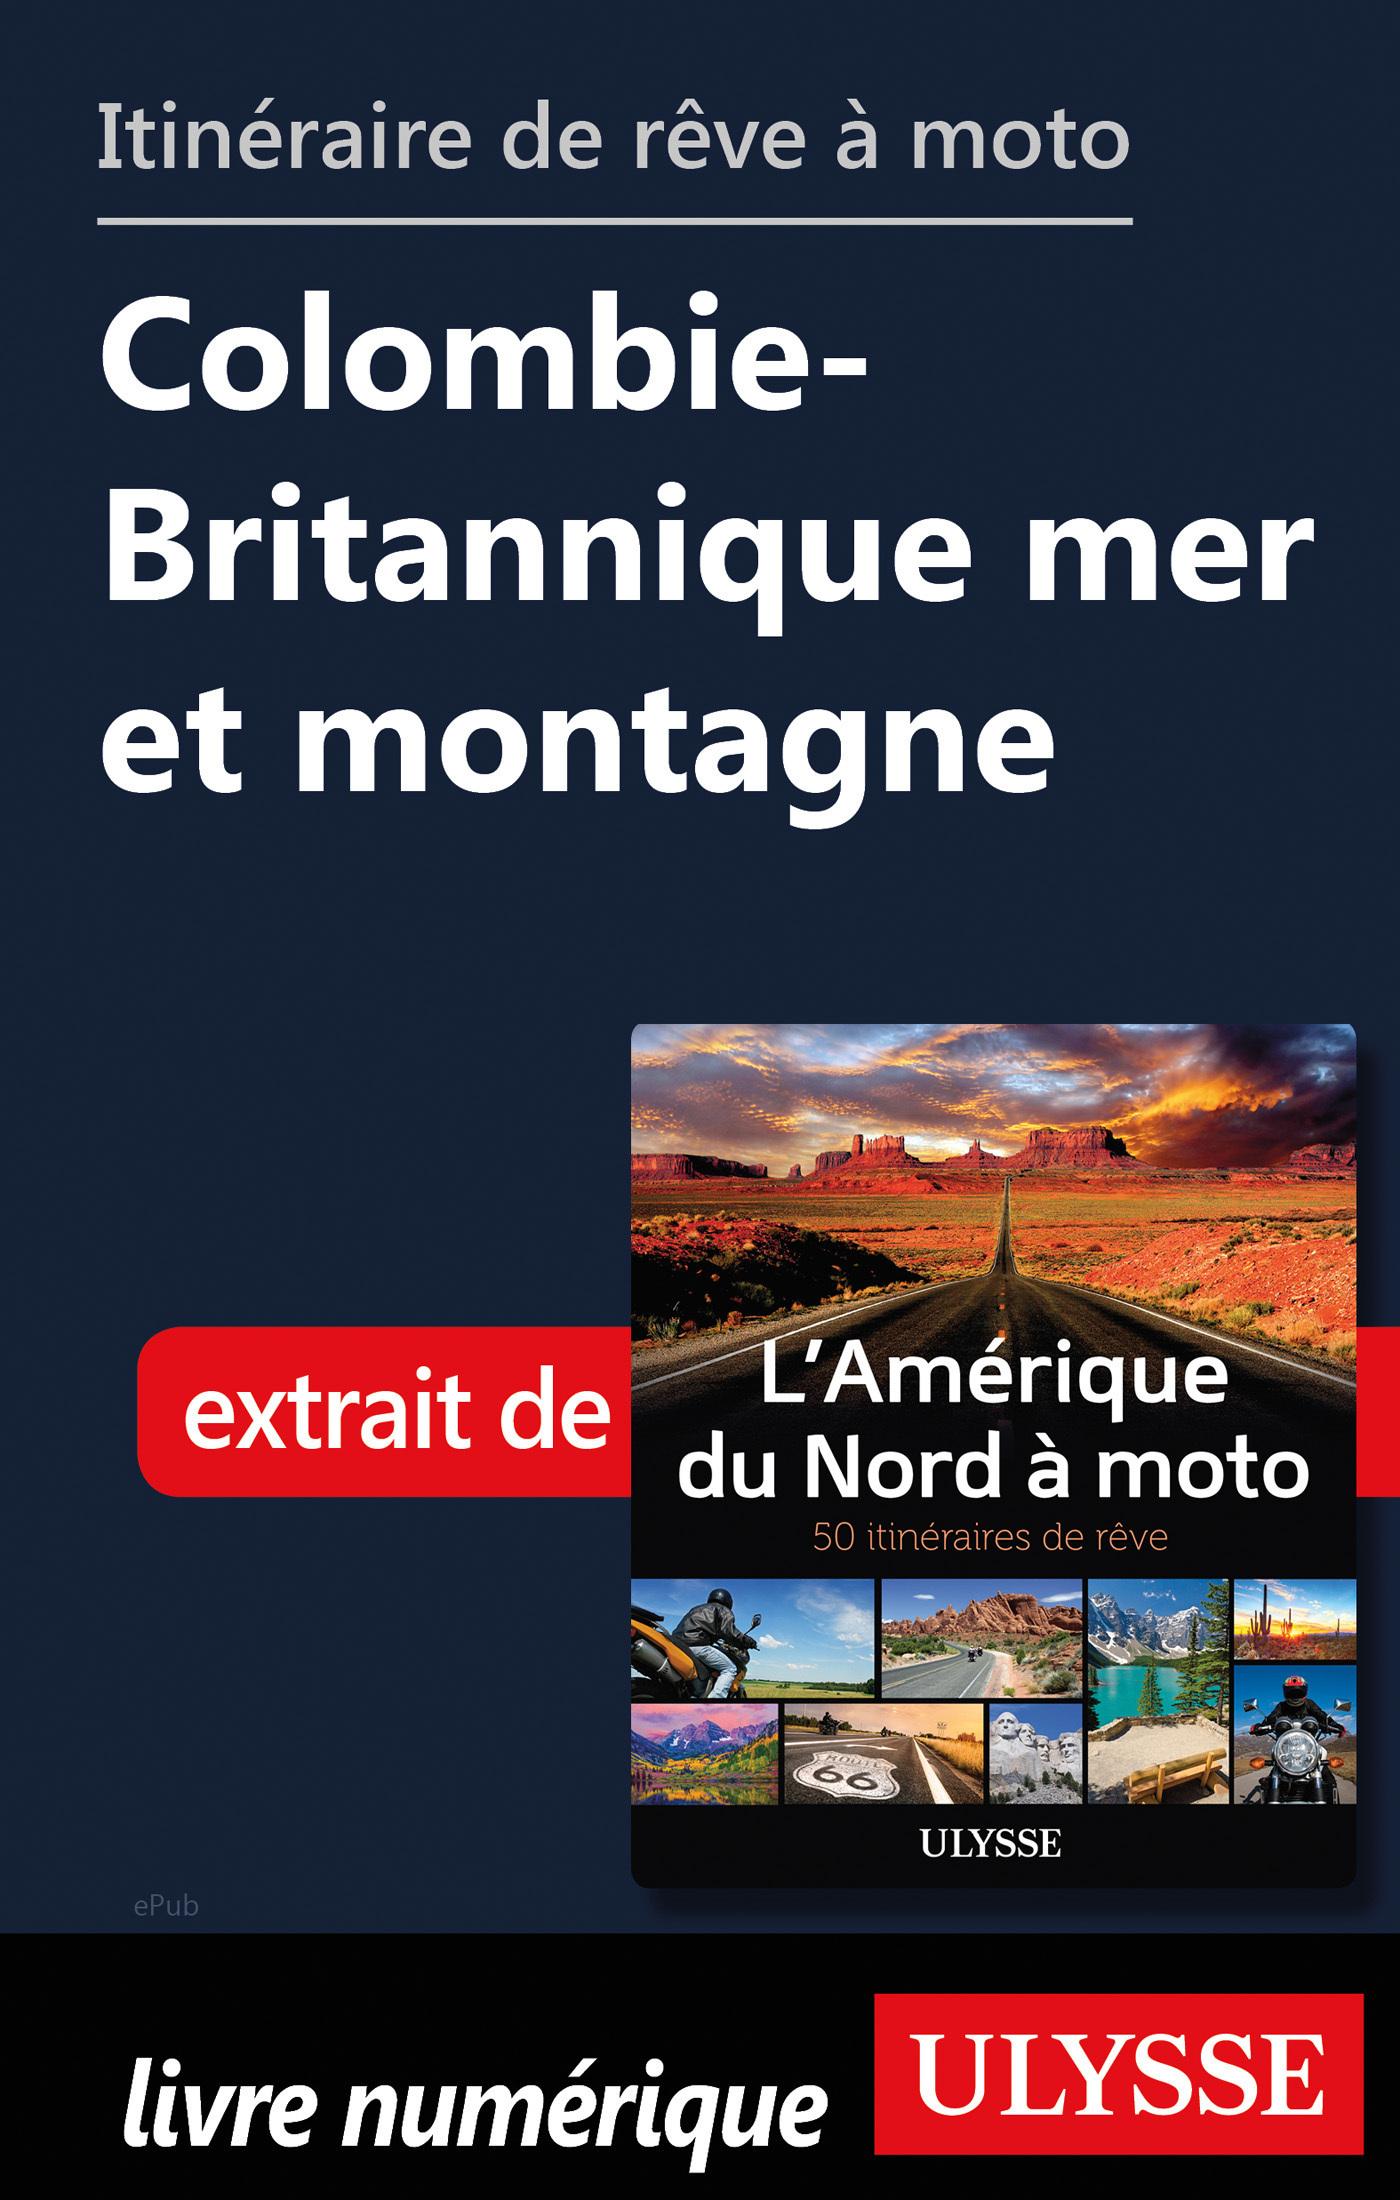 Itinéraire de rêve à moto - Colombie-Britannique mer et montagne